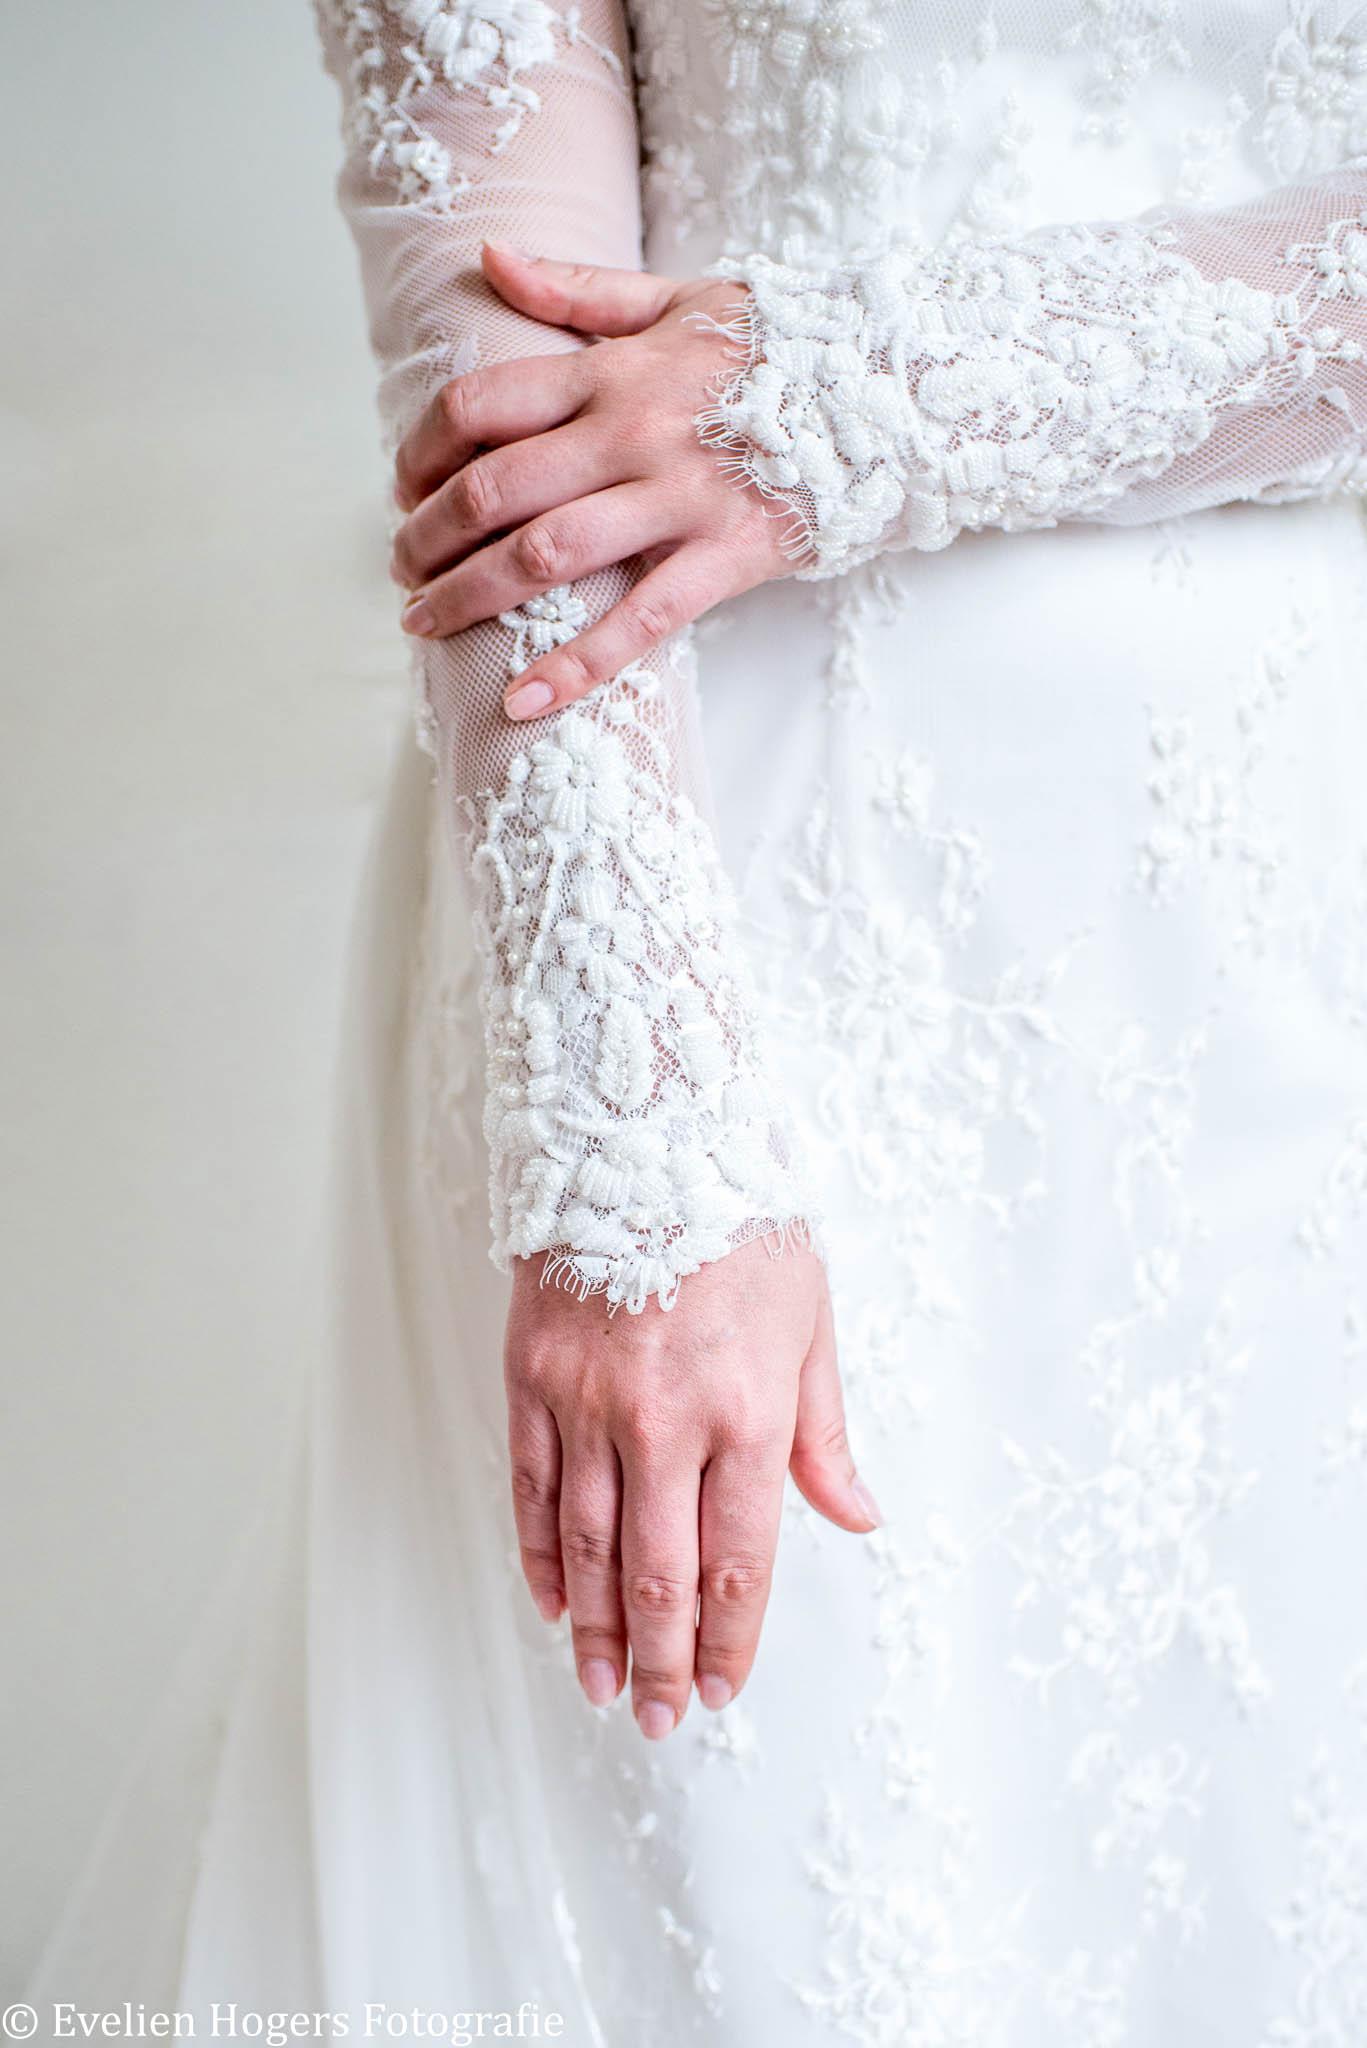 Estate_wedding_Metwatermerk-62.jpg